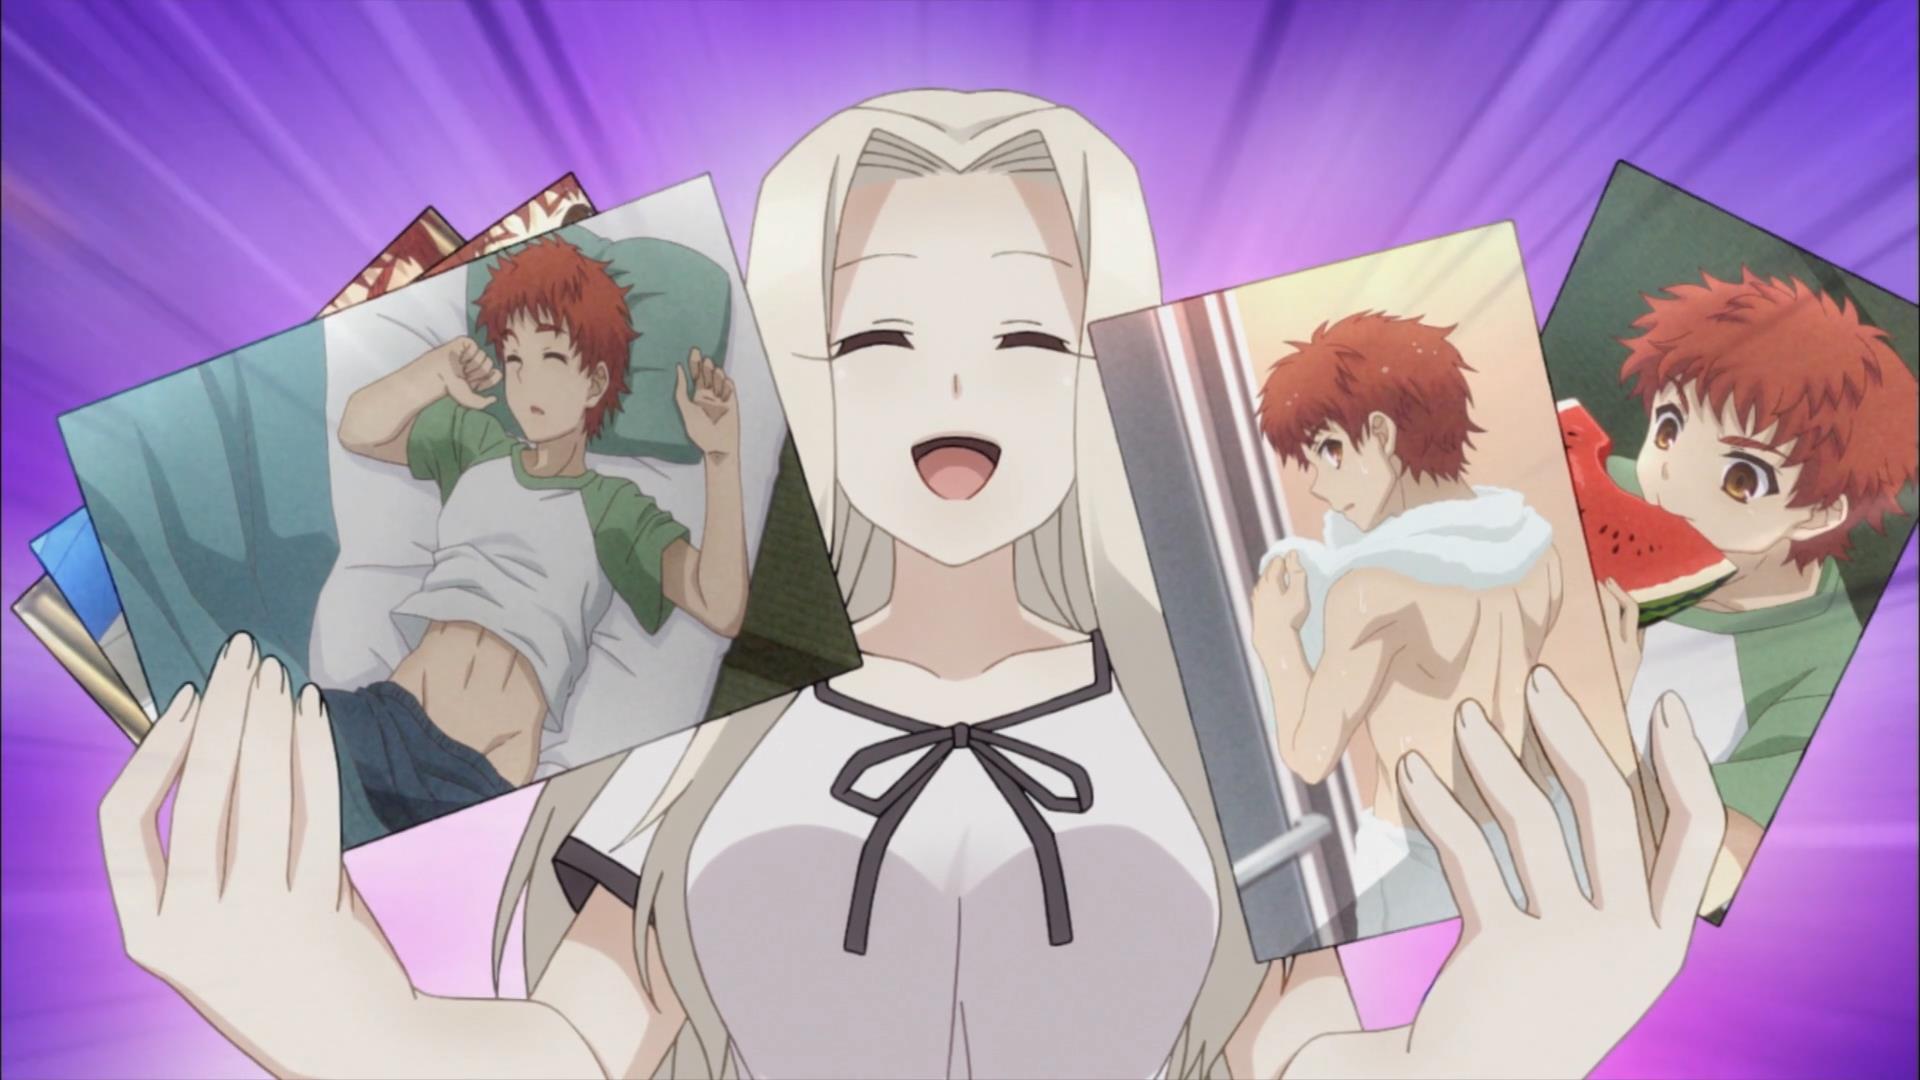 Fate/kaleid liner Prisma Illya 2wei Herz! - 06